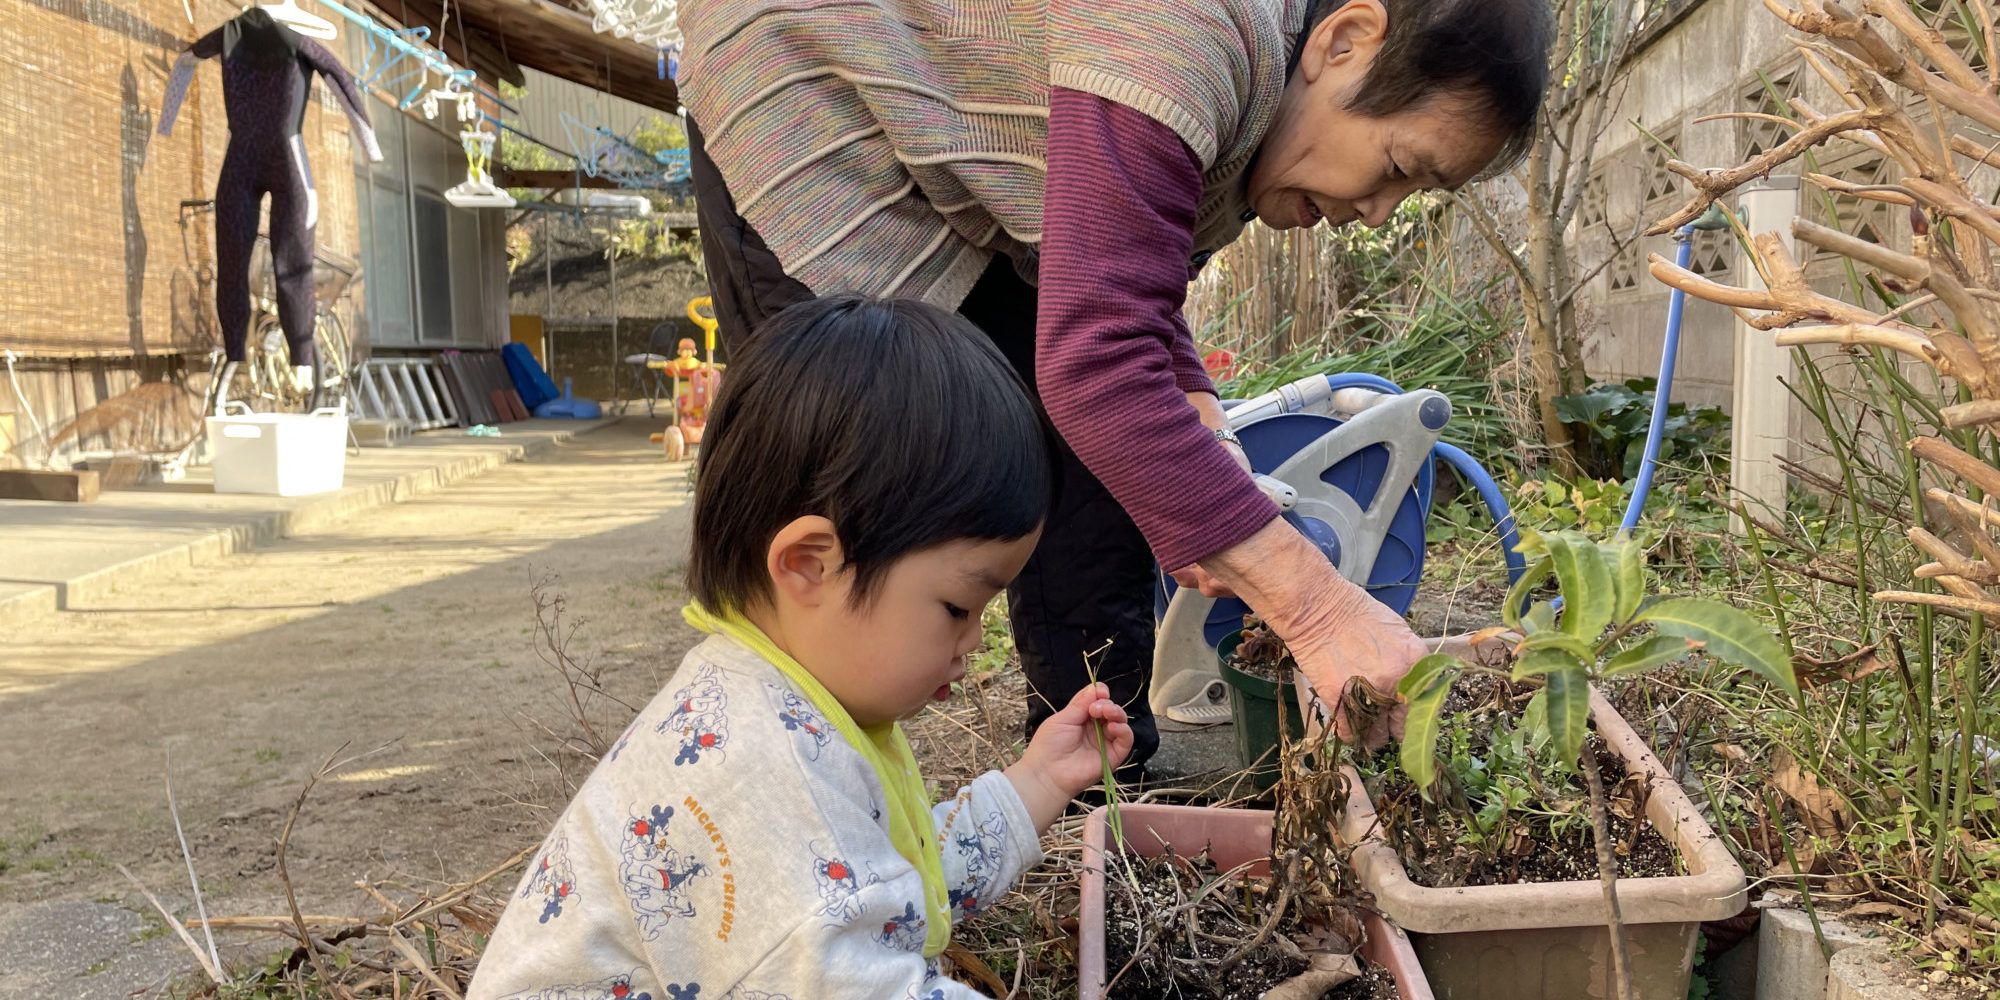 プランターに苗を植えるお婆さんと子供